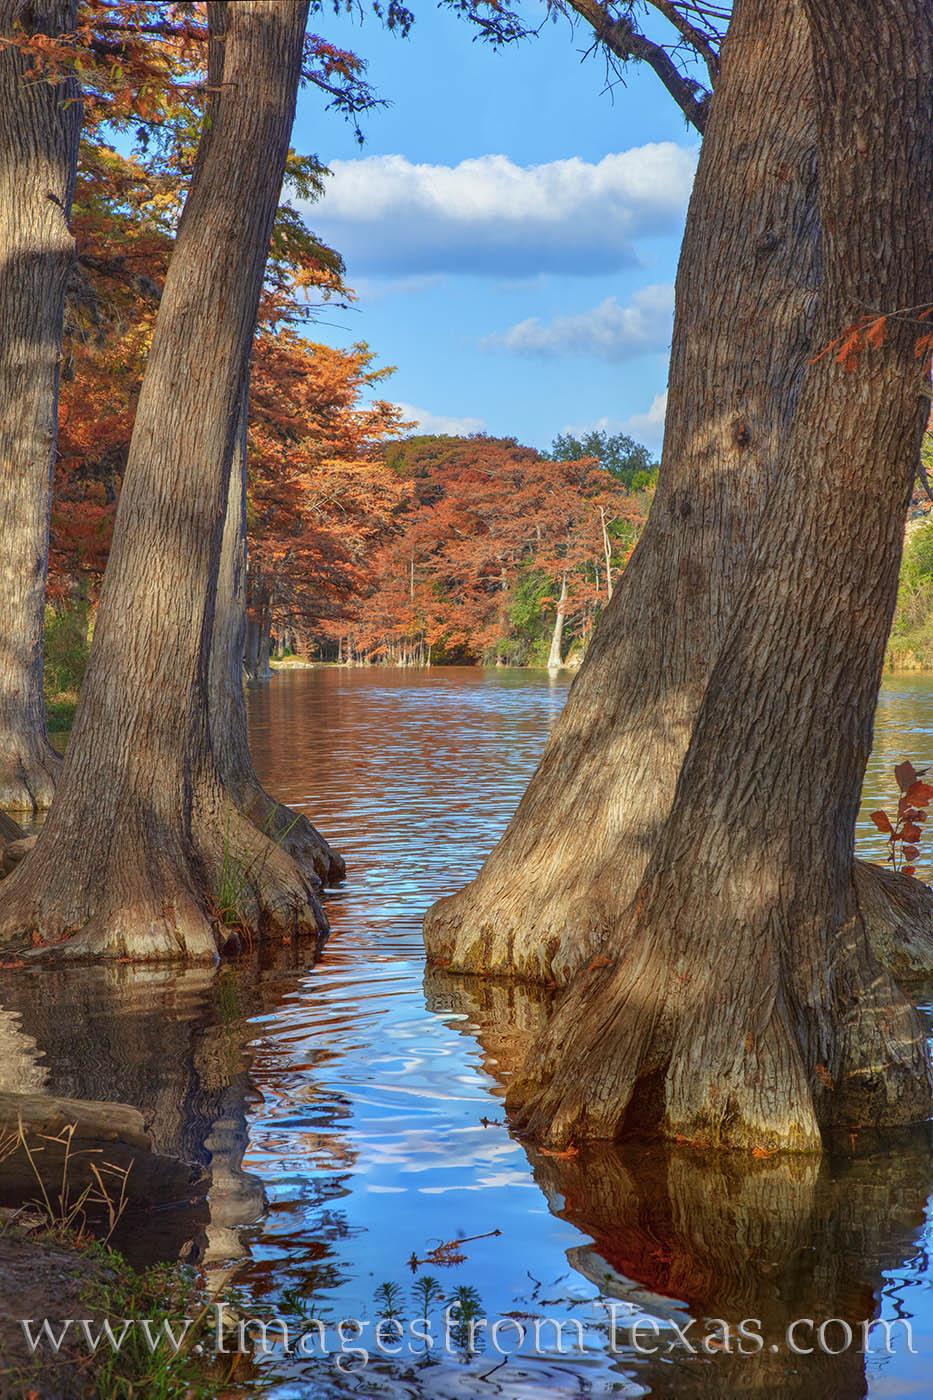 garner state park, autumn colors, fall colors, autumn prints, photo